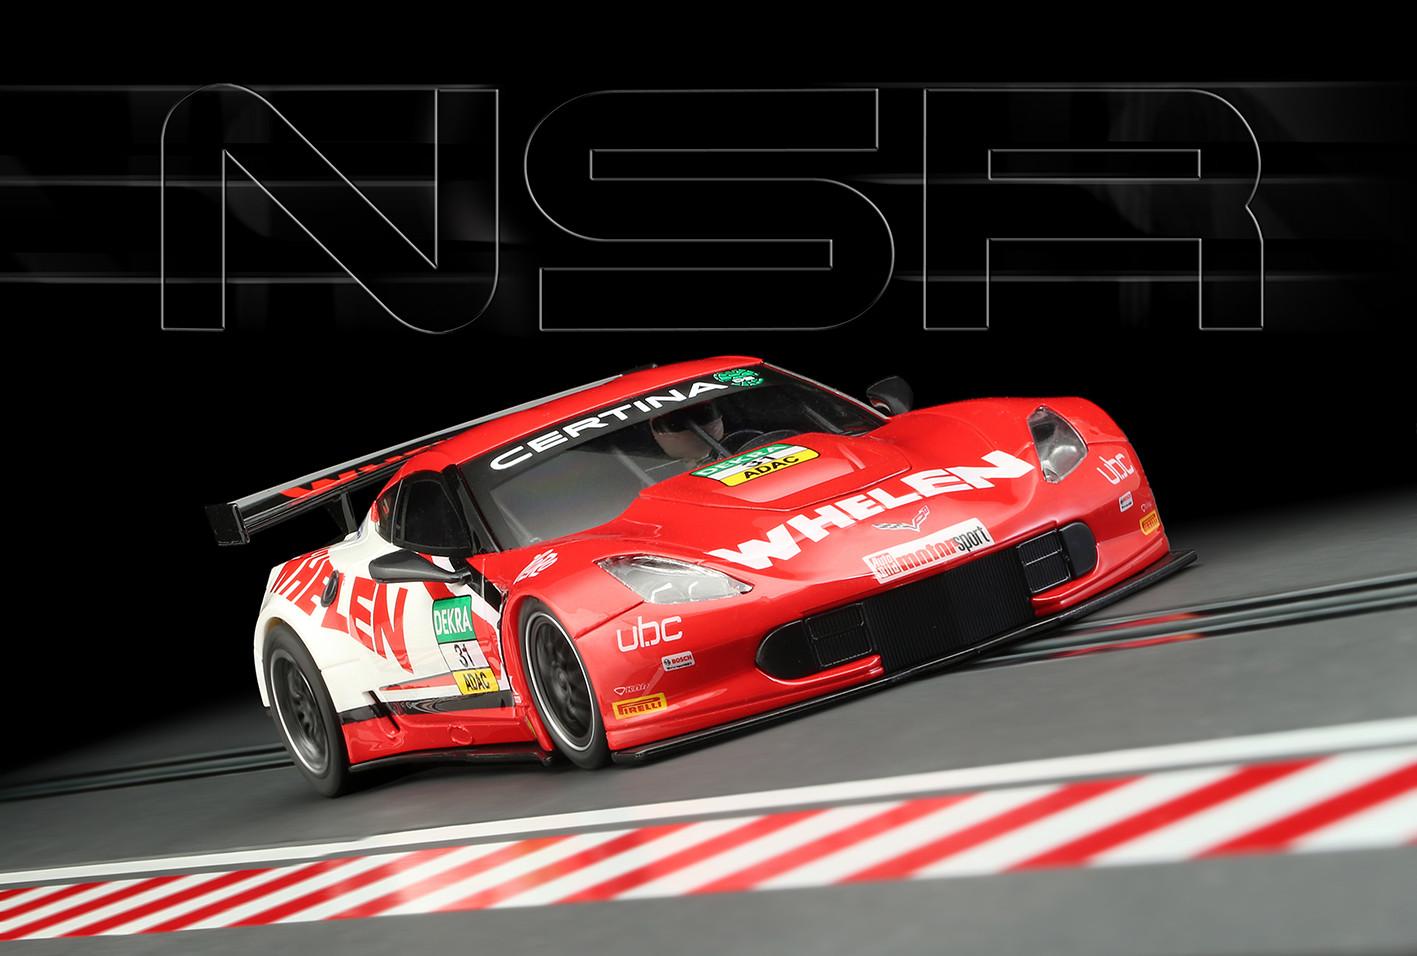 NSR - Corvette C7R #31, Whelen - Edição Especial : 0179AW